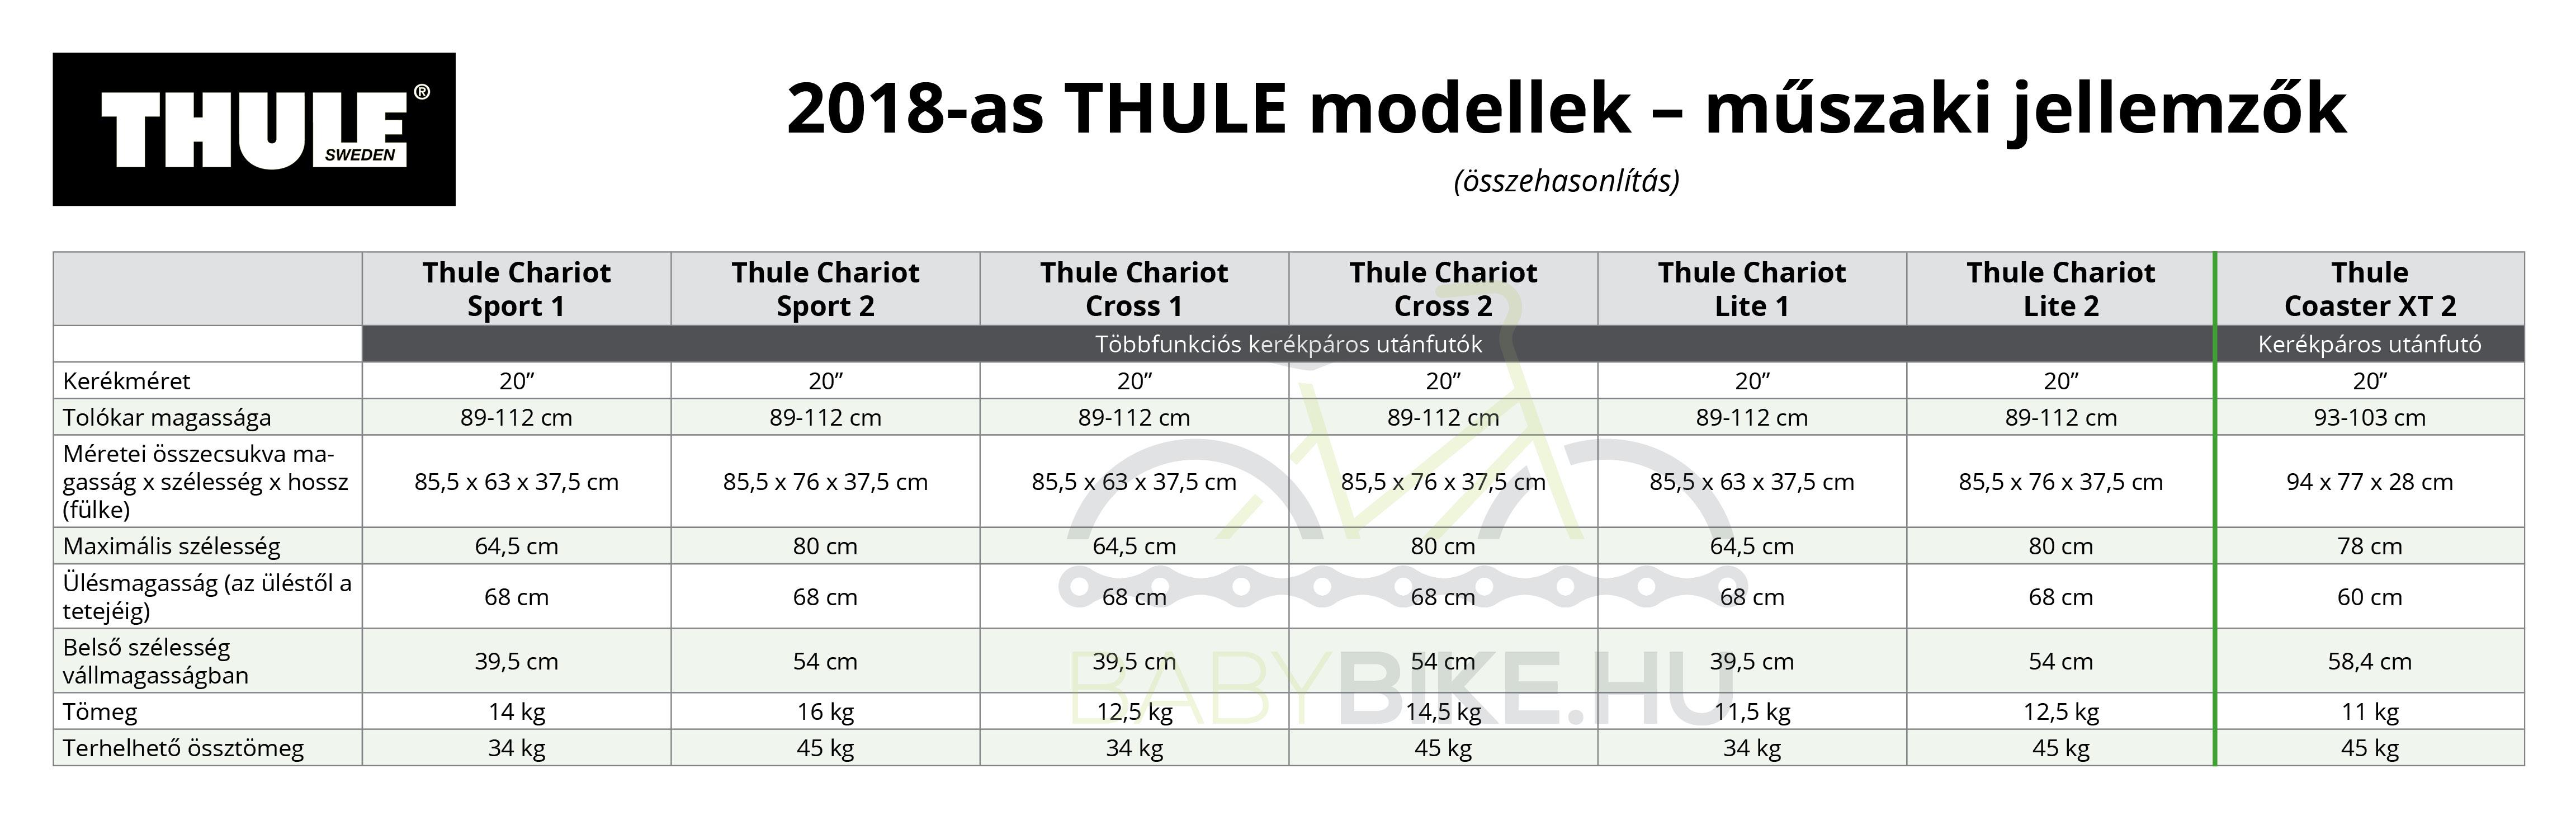 Thule utánfutó összehasonlító táblázat